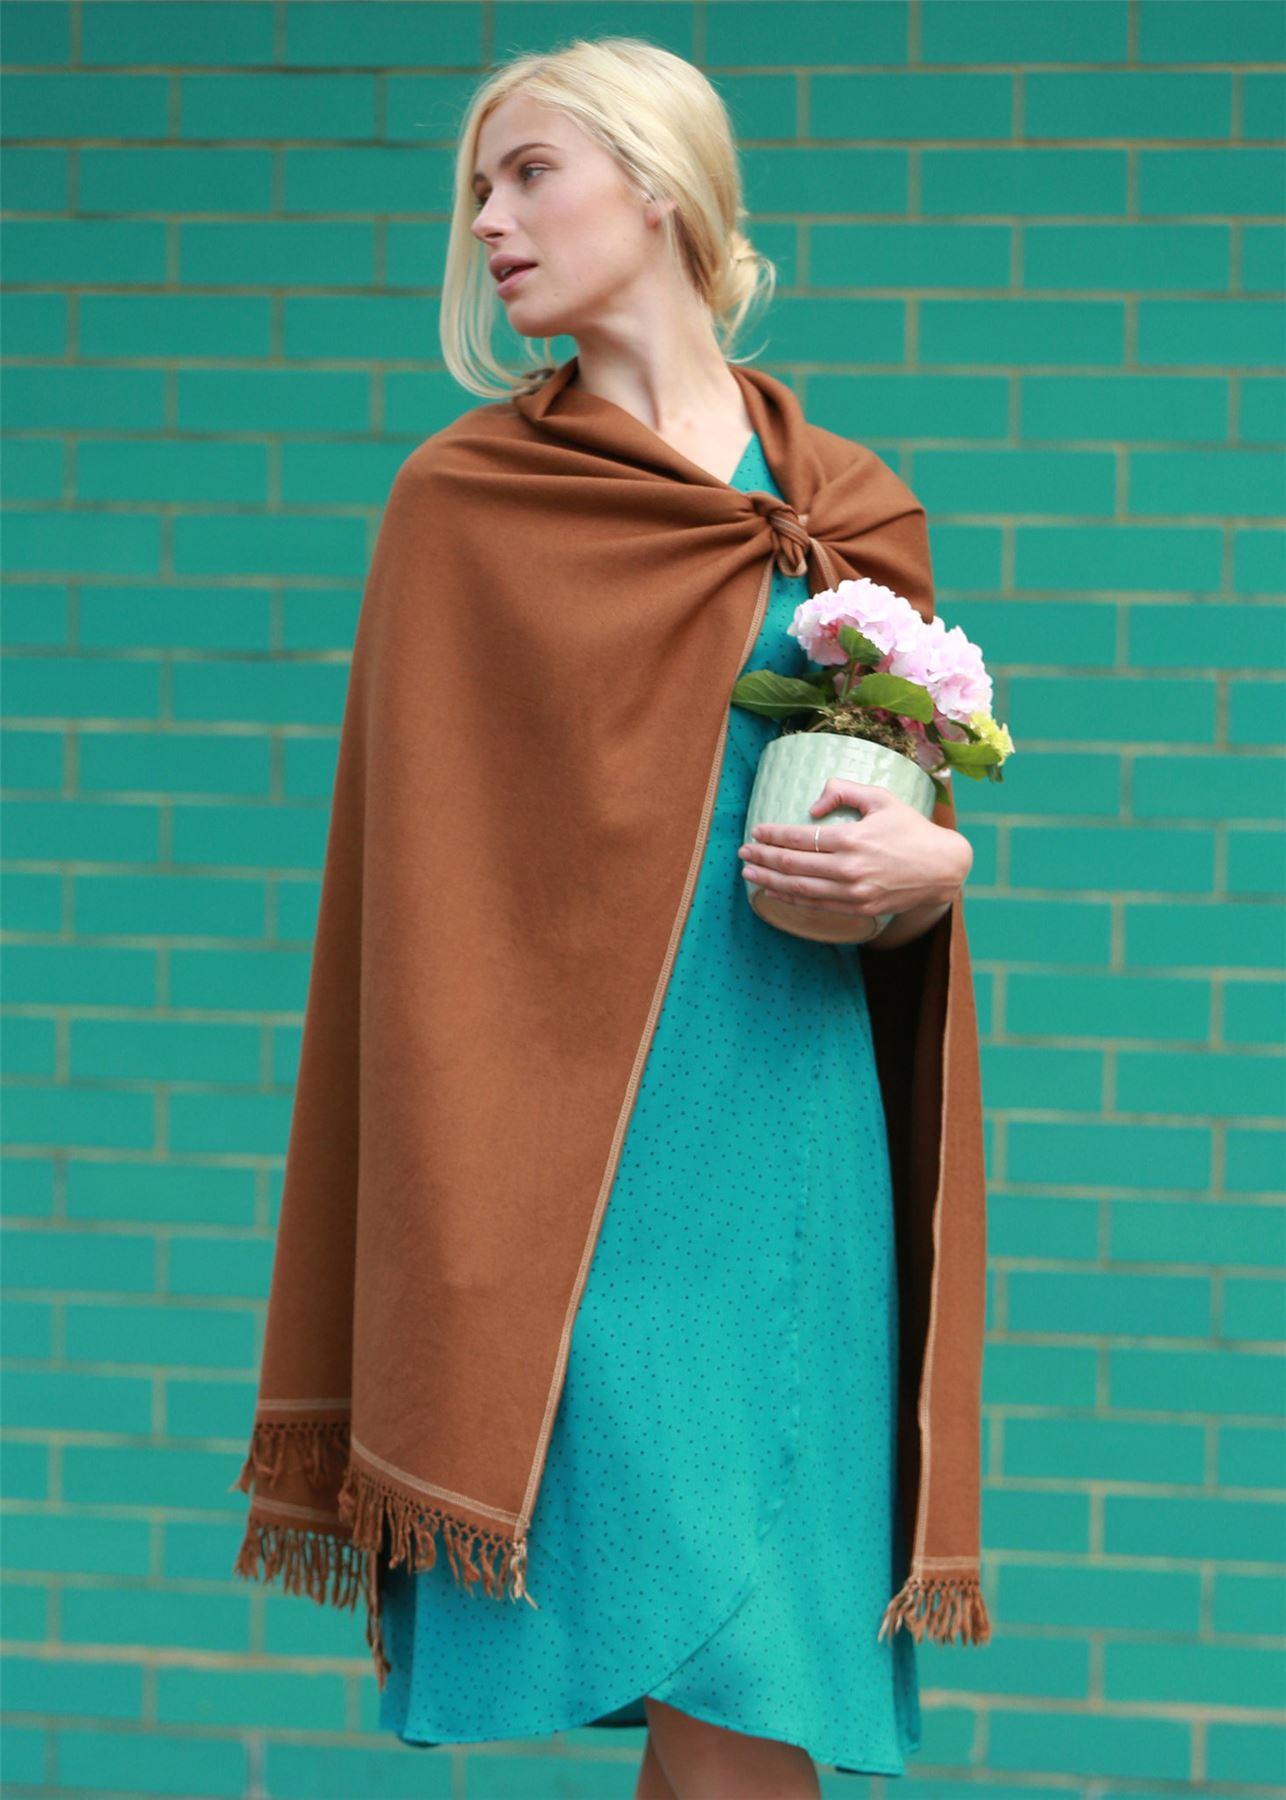 Shoreditch Merino tricoté main Pashmina et couverture écharpe PIMENT marron aae7e7d93eb